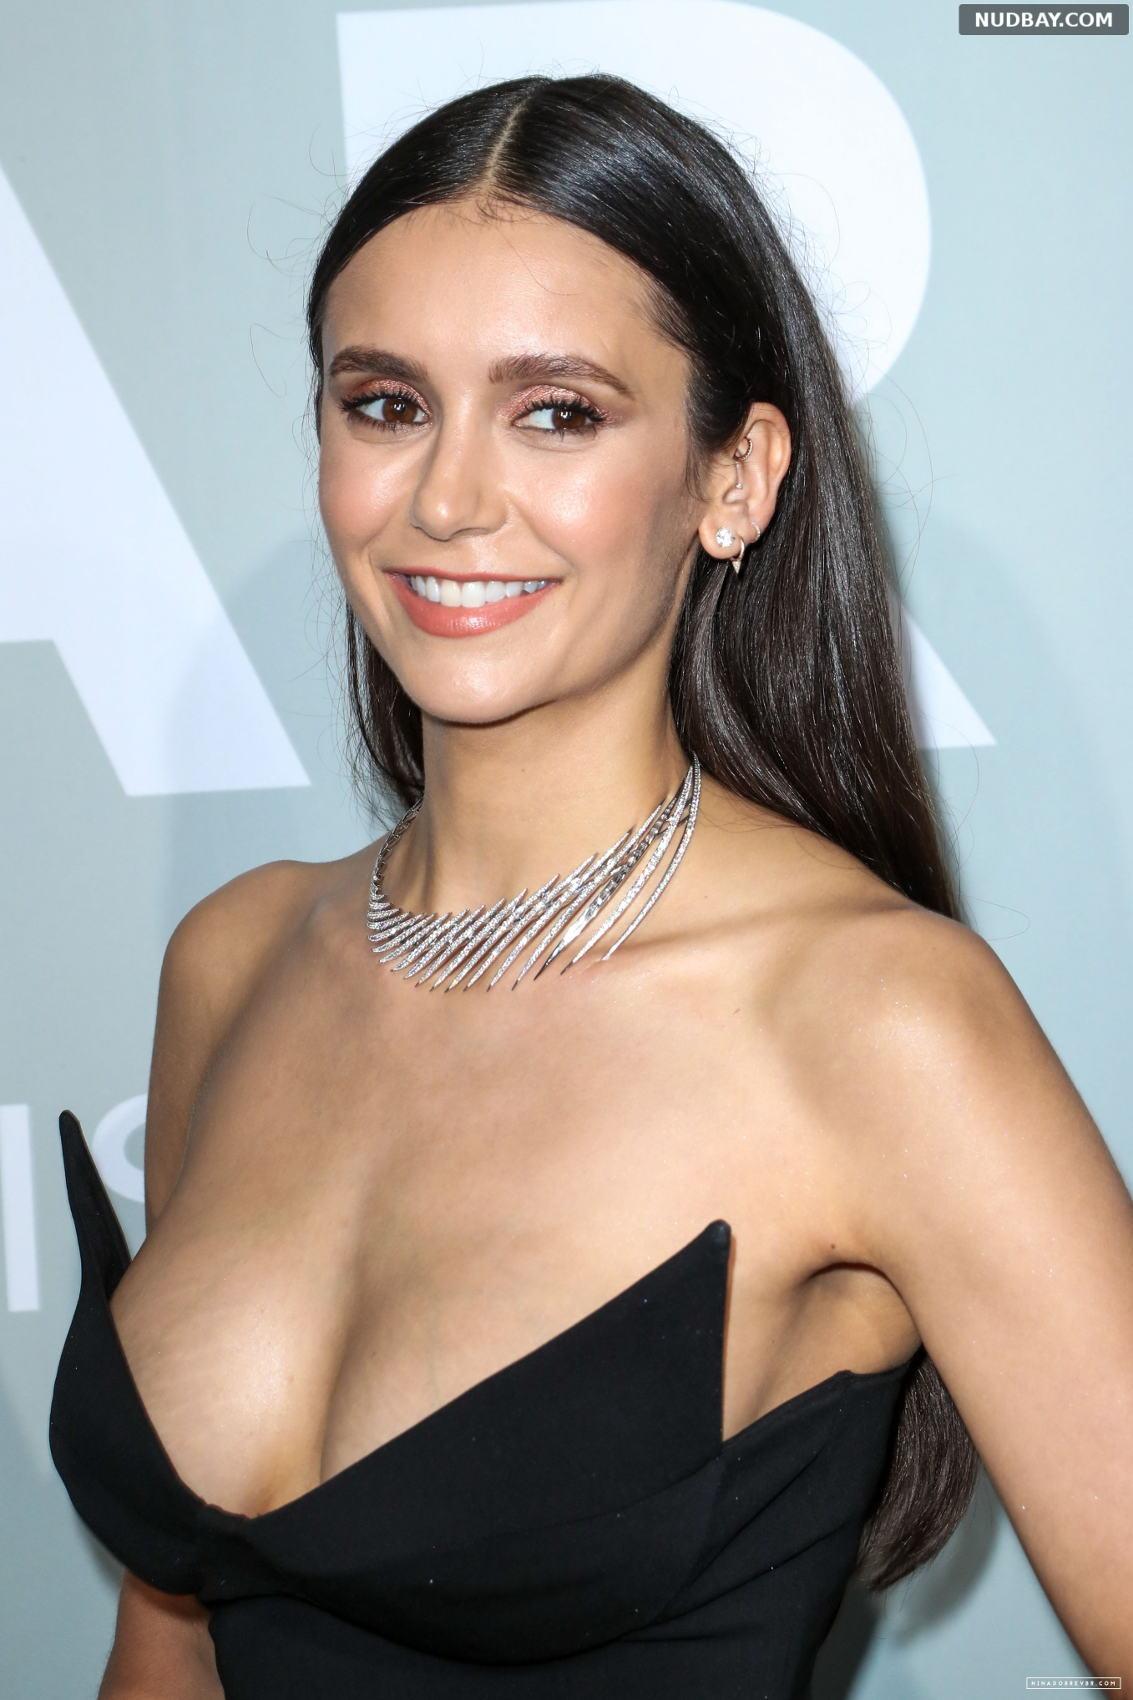 Nina Dobrev boobs amfAR Cannes Gala 2021 Jul 16 2021